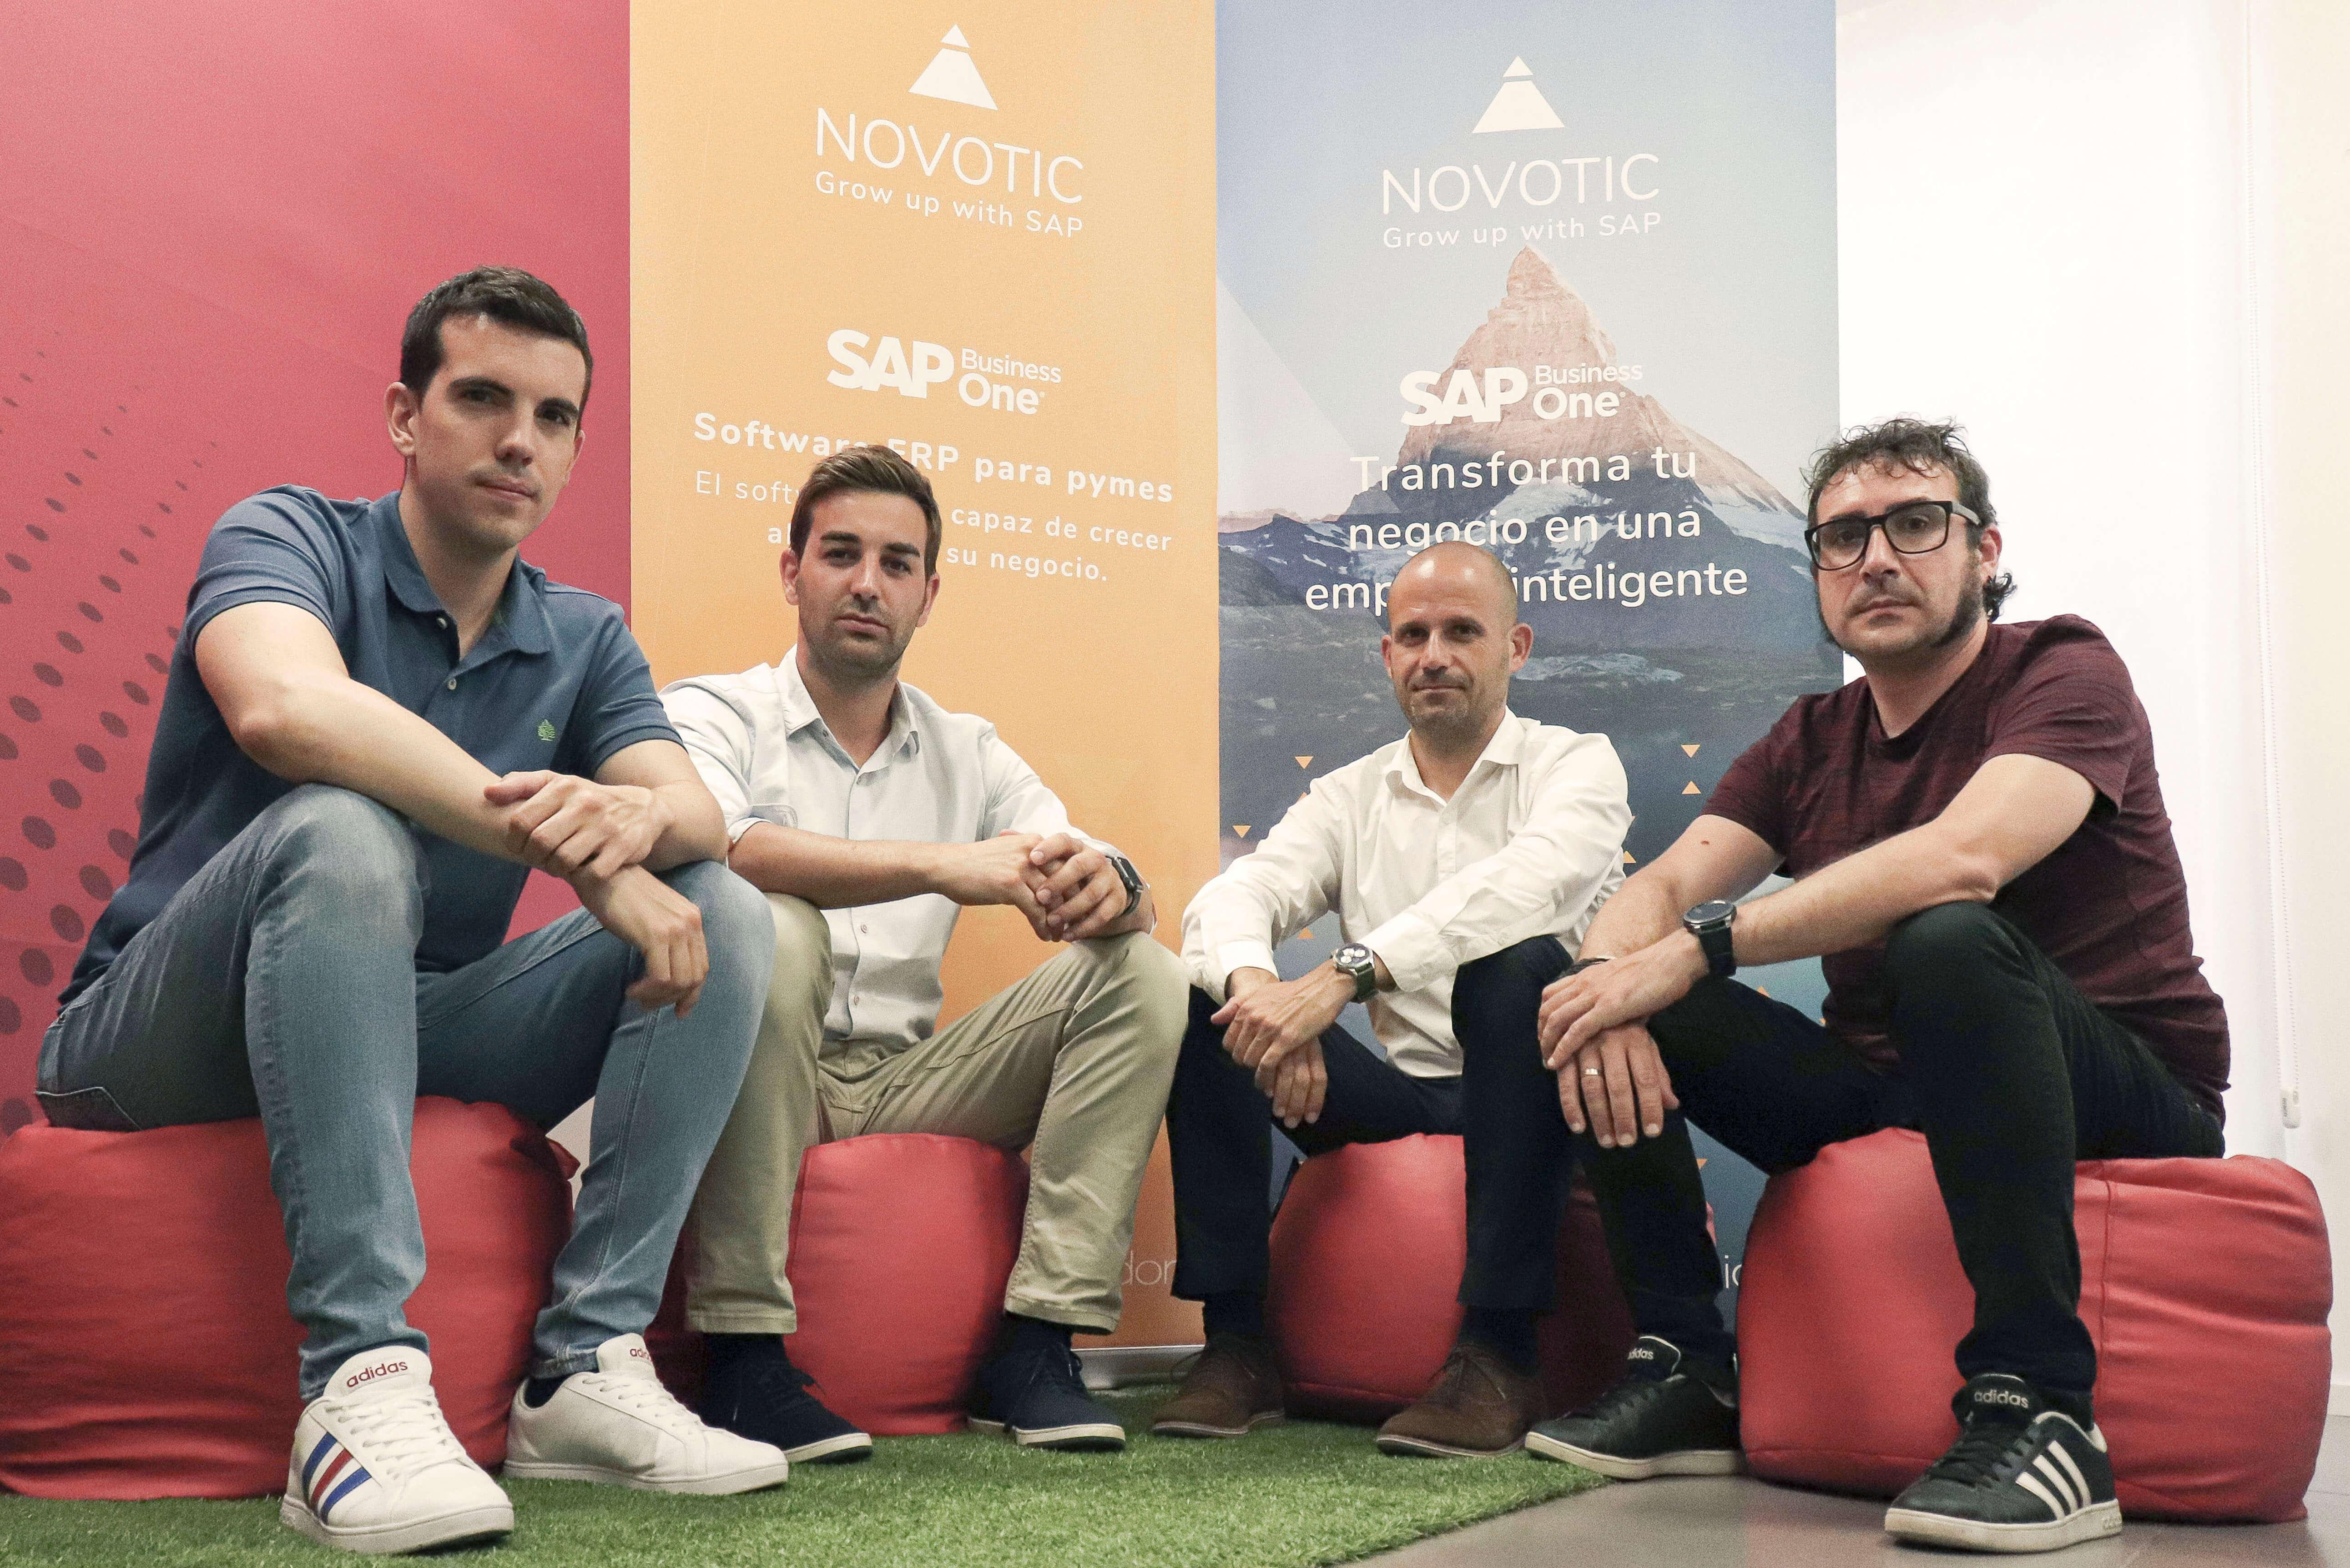 Nace NOVOTIC, la empresa riojana especializada en SAP 2